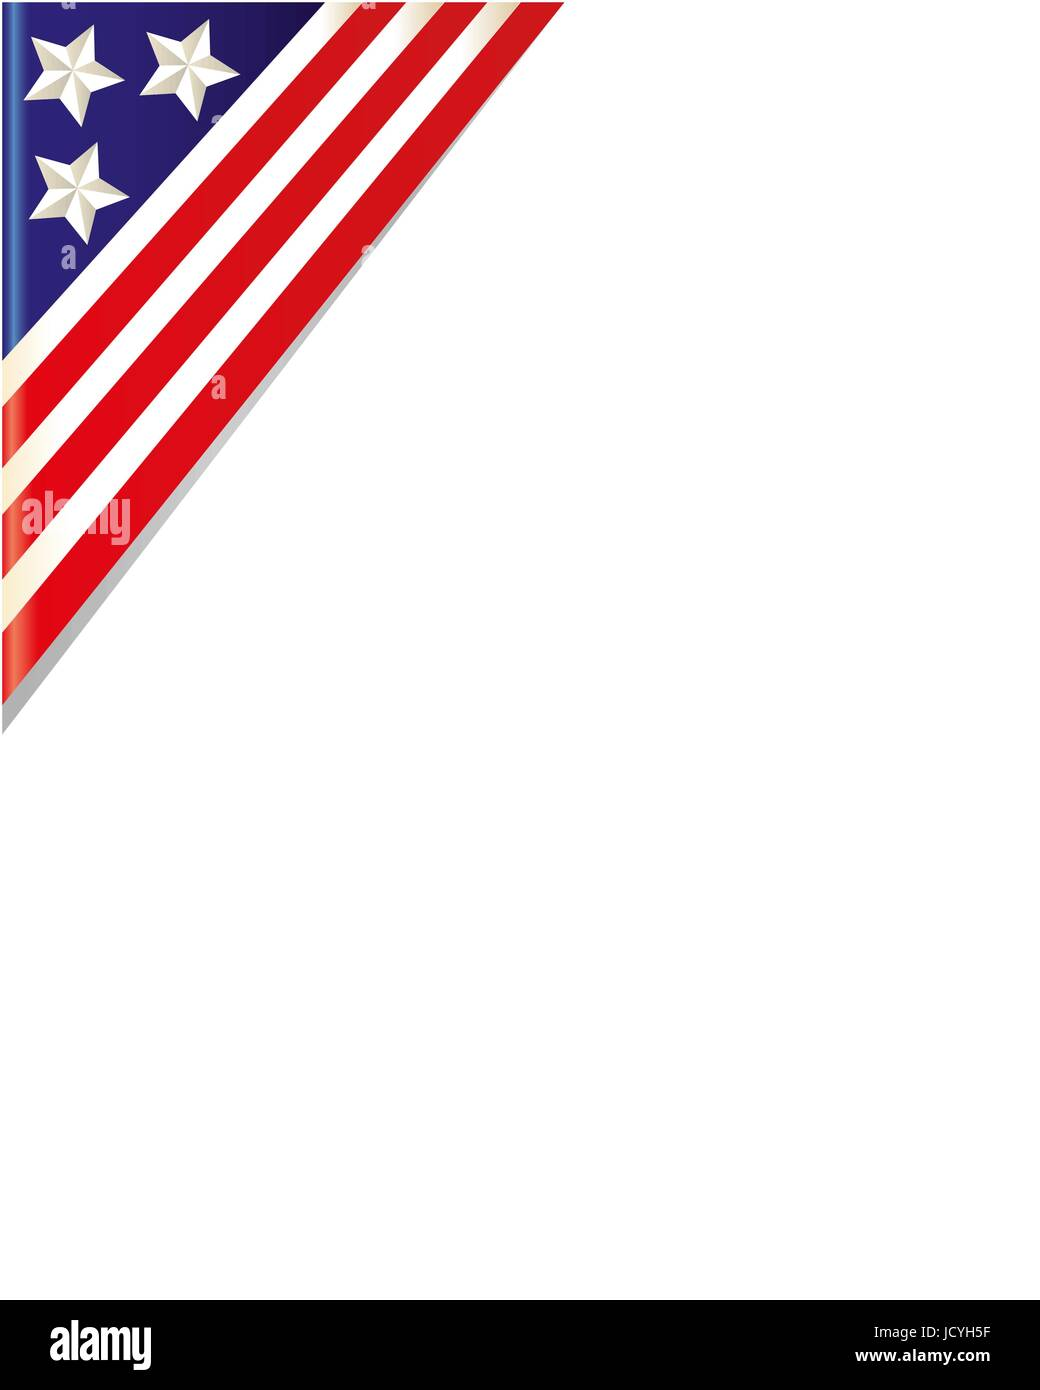 Erfreut Amerikanisch Framing Zeitgenössisch - Benutzerdefinierte ...